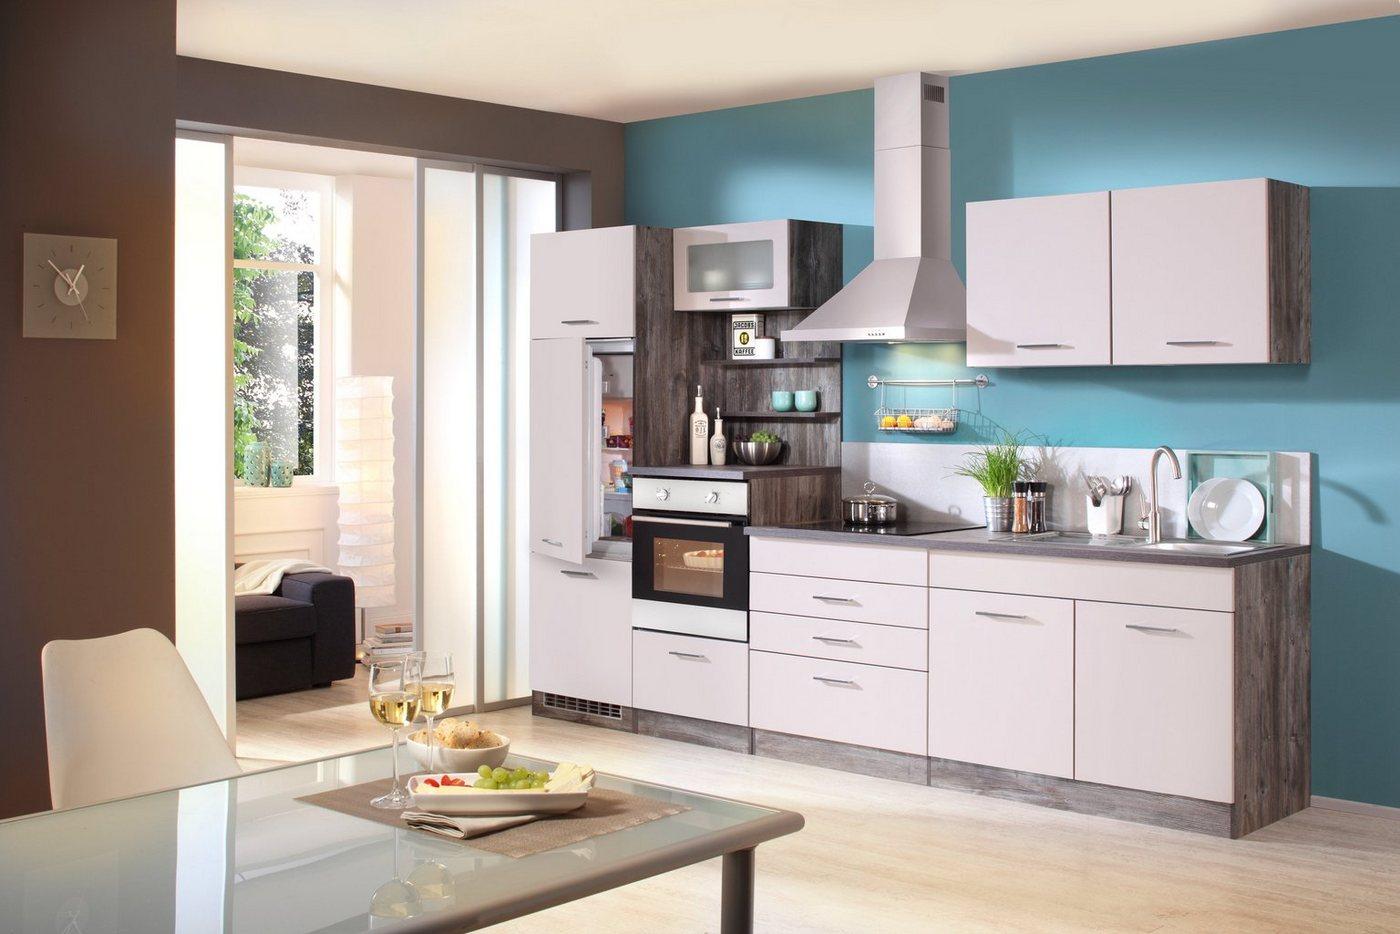 Billige Küchenmöbel esseryaad.info Finden Sie Tausende von Ideen ... | {Billige küchenmöbel 20}